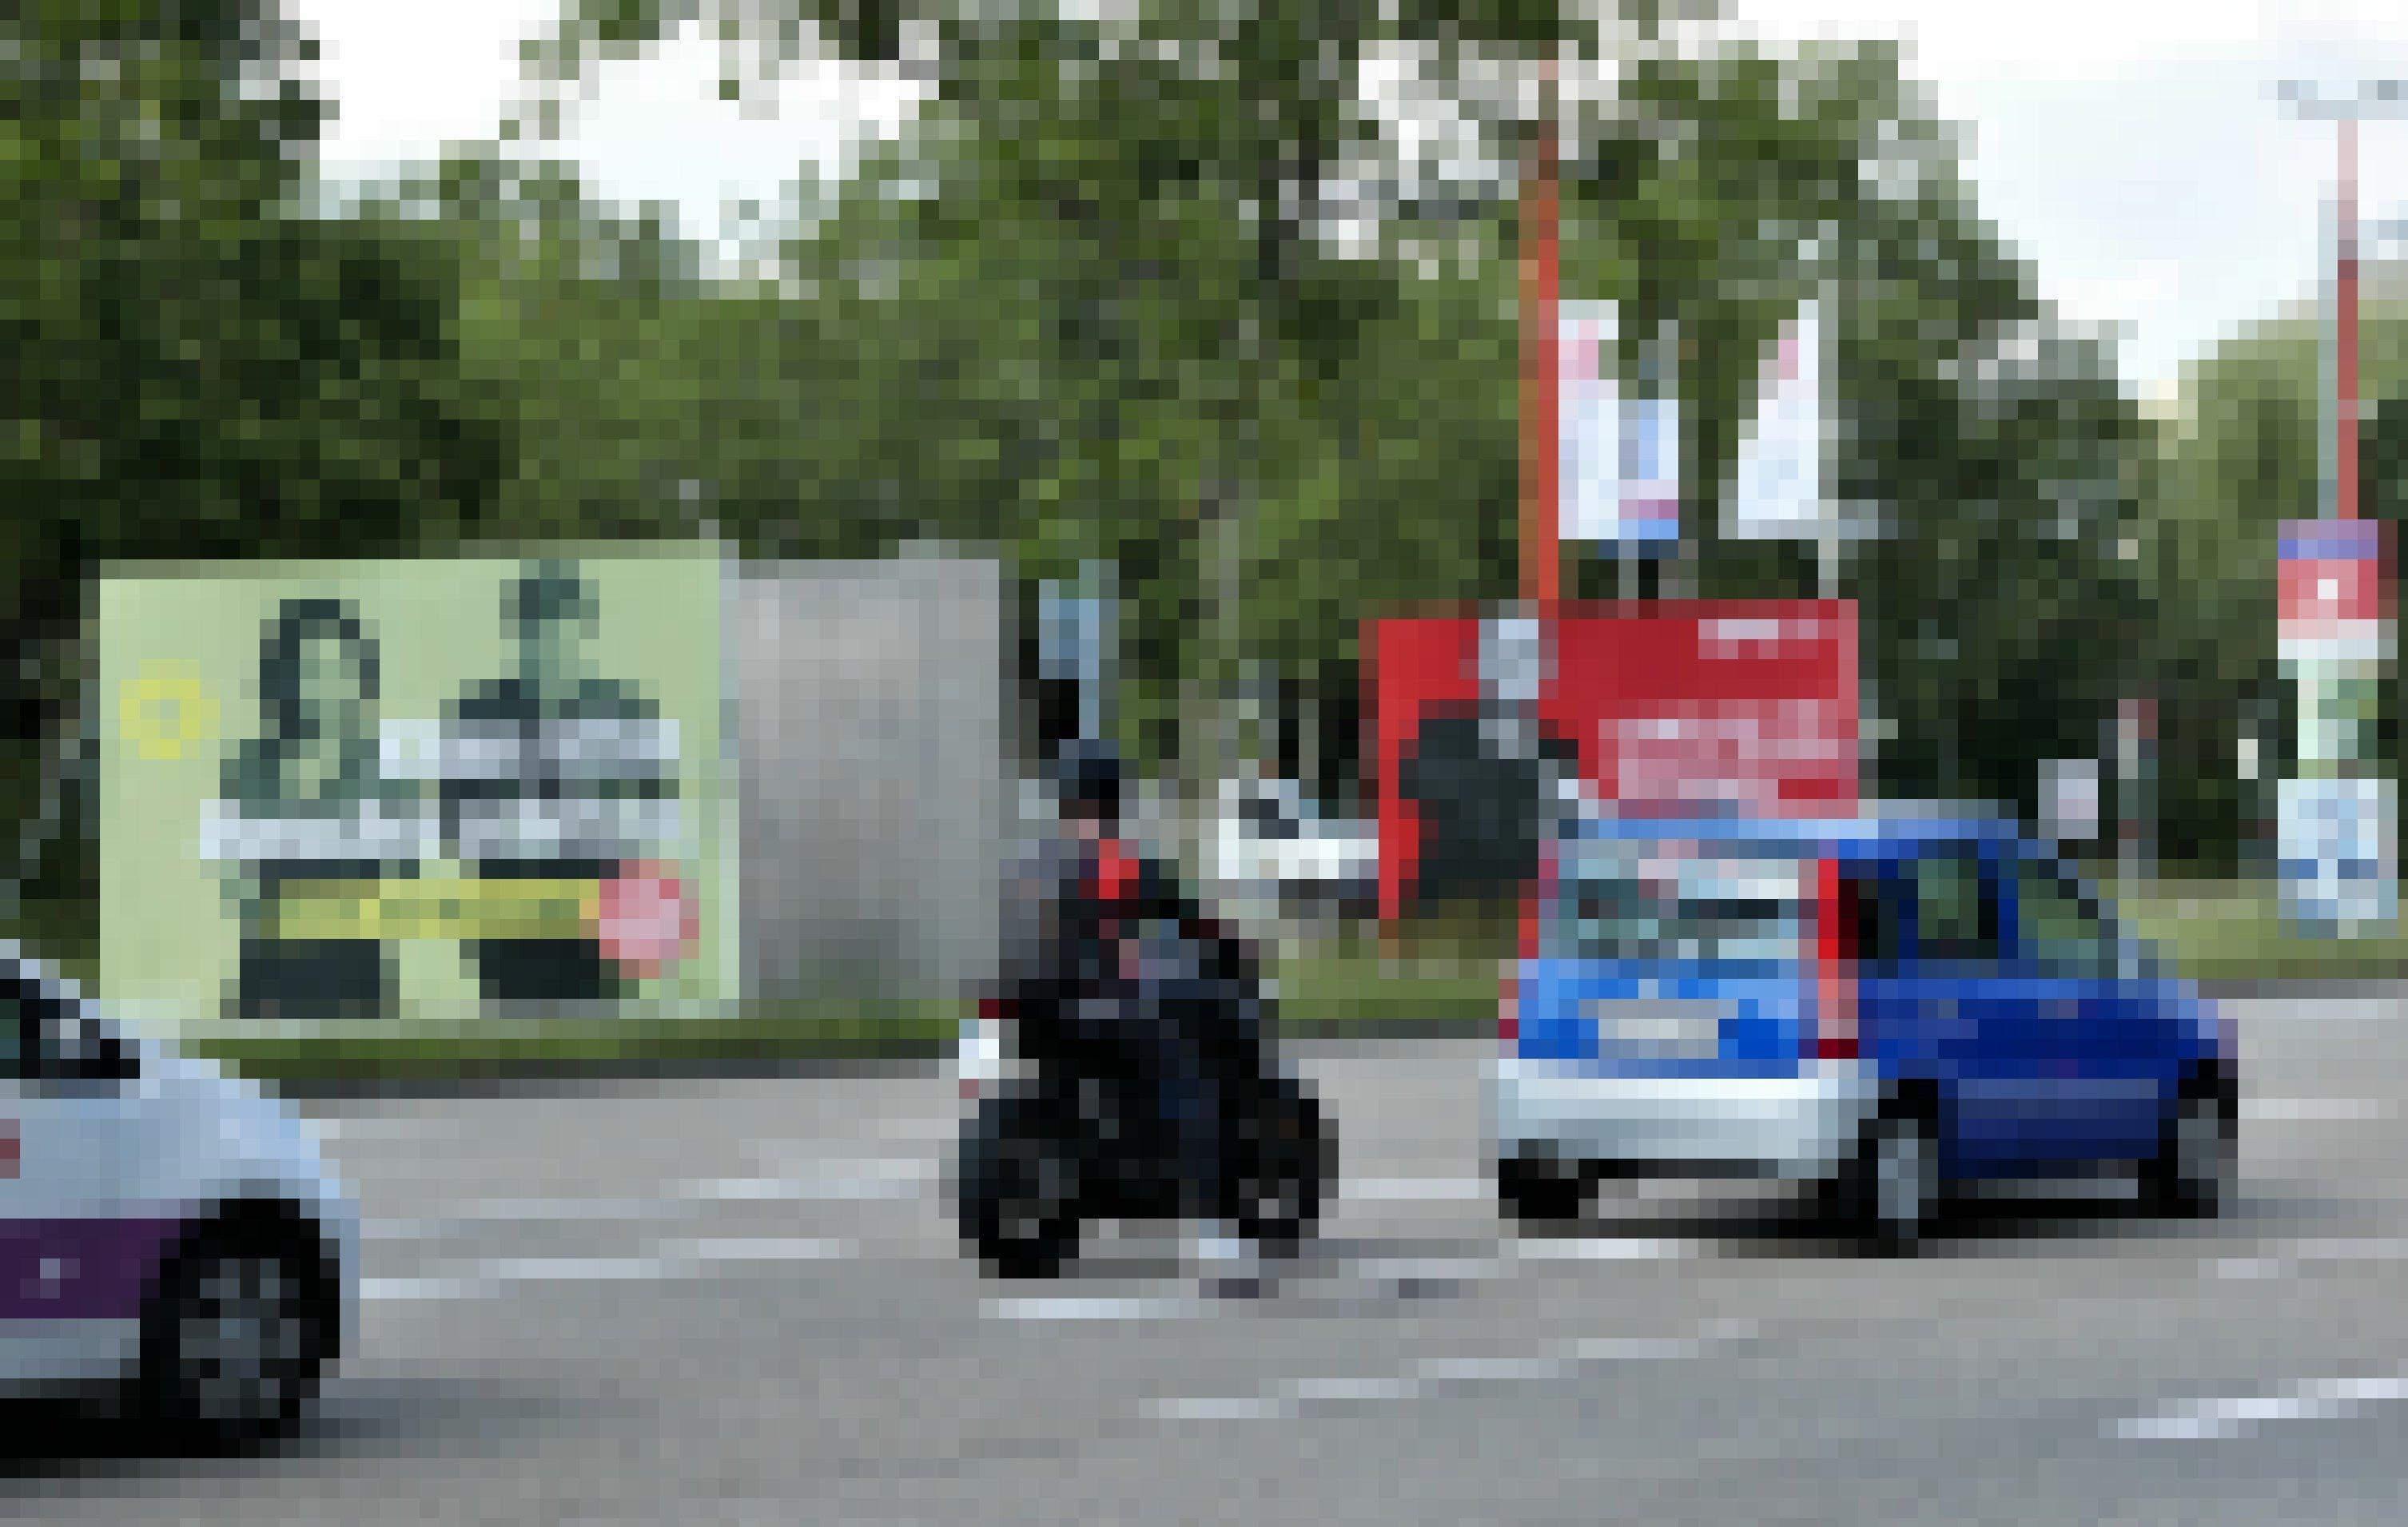 Blick auf eine mehrspurige Straße, auf deren begrüntem Mittelstreifen Plakattafeln der Grünen und der SPD erkennbar sind.